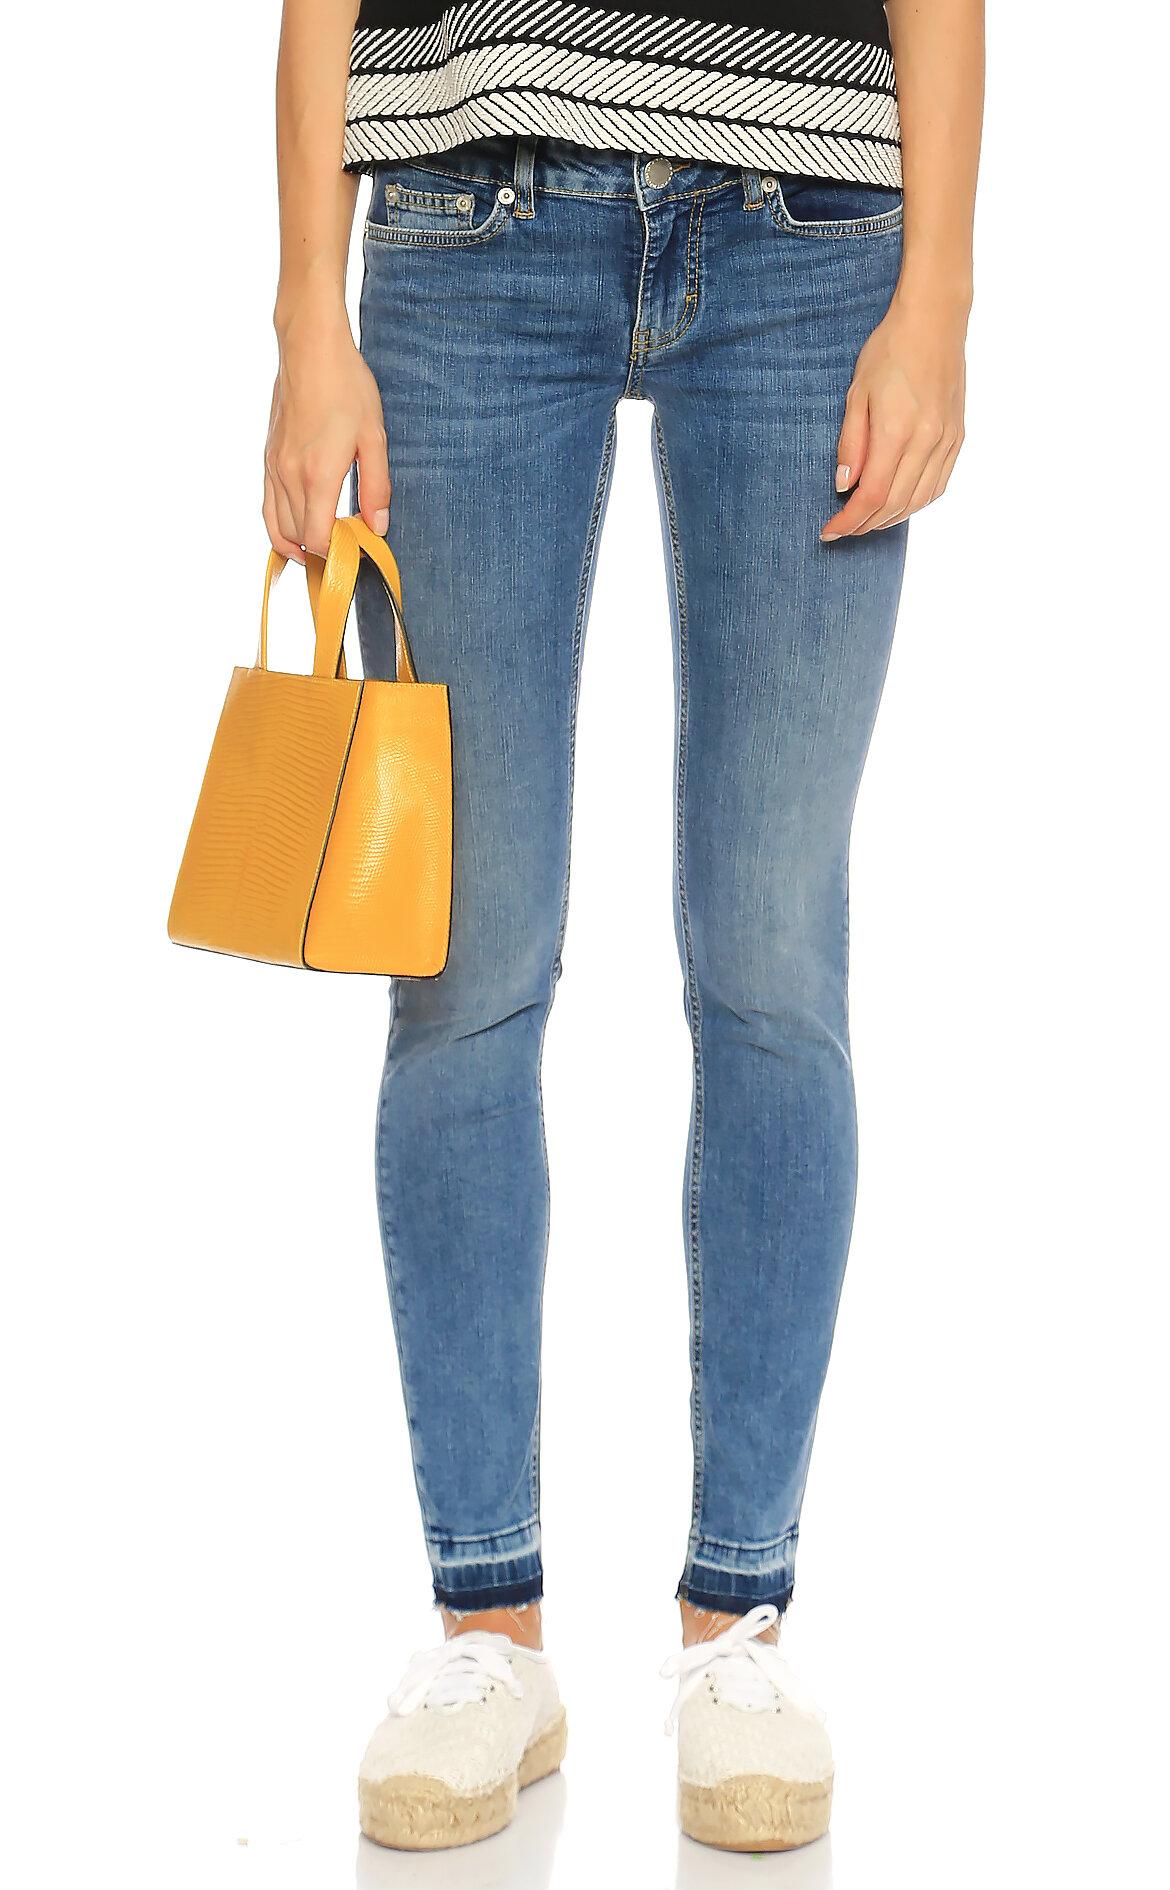 Maje-Maje Skinny Jean Mavi Pantolon